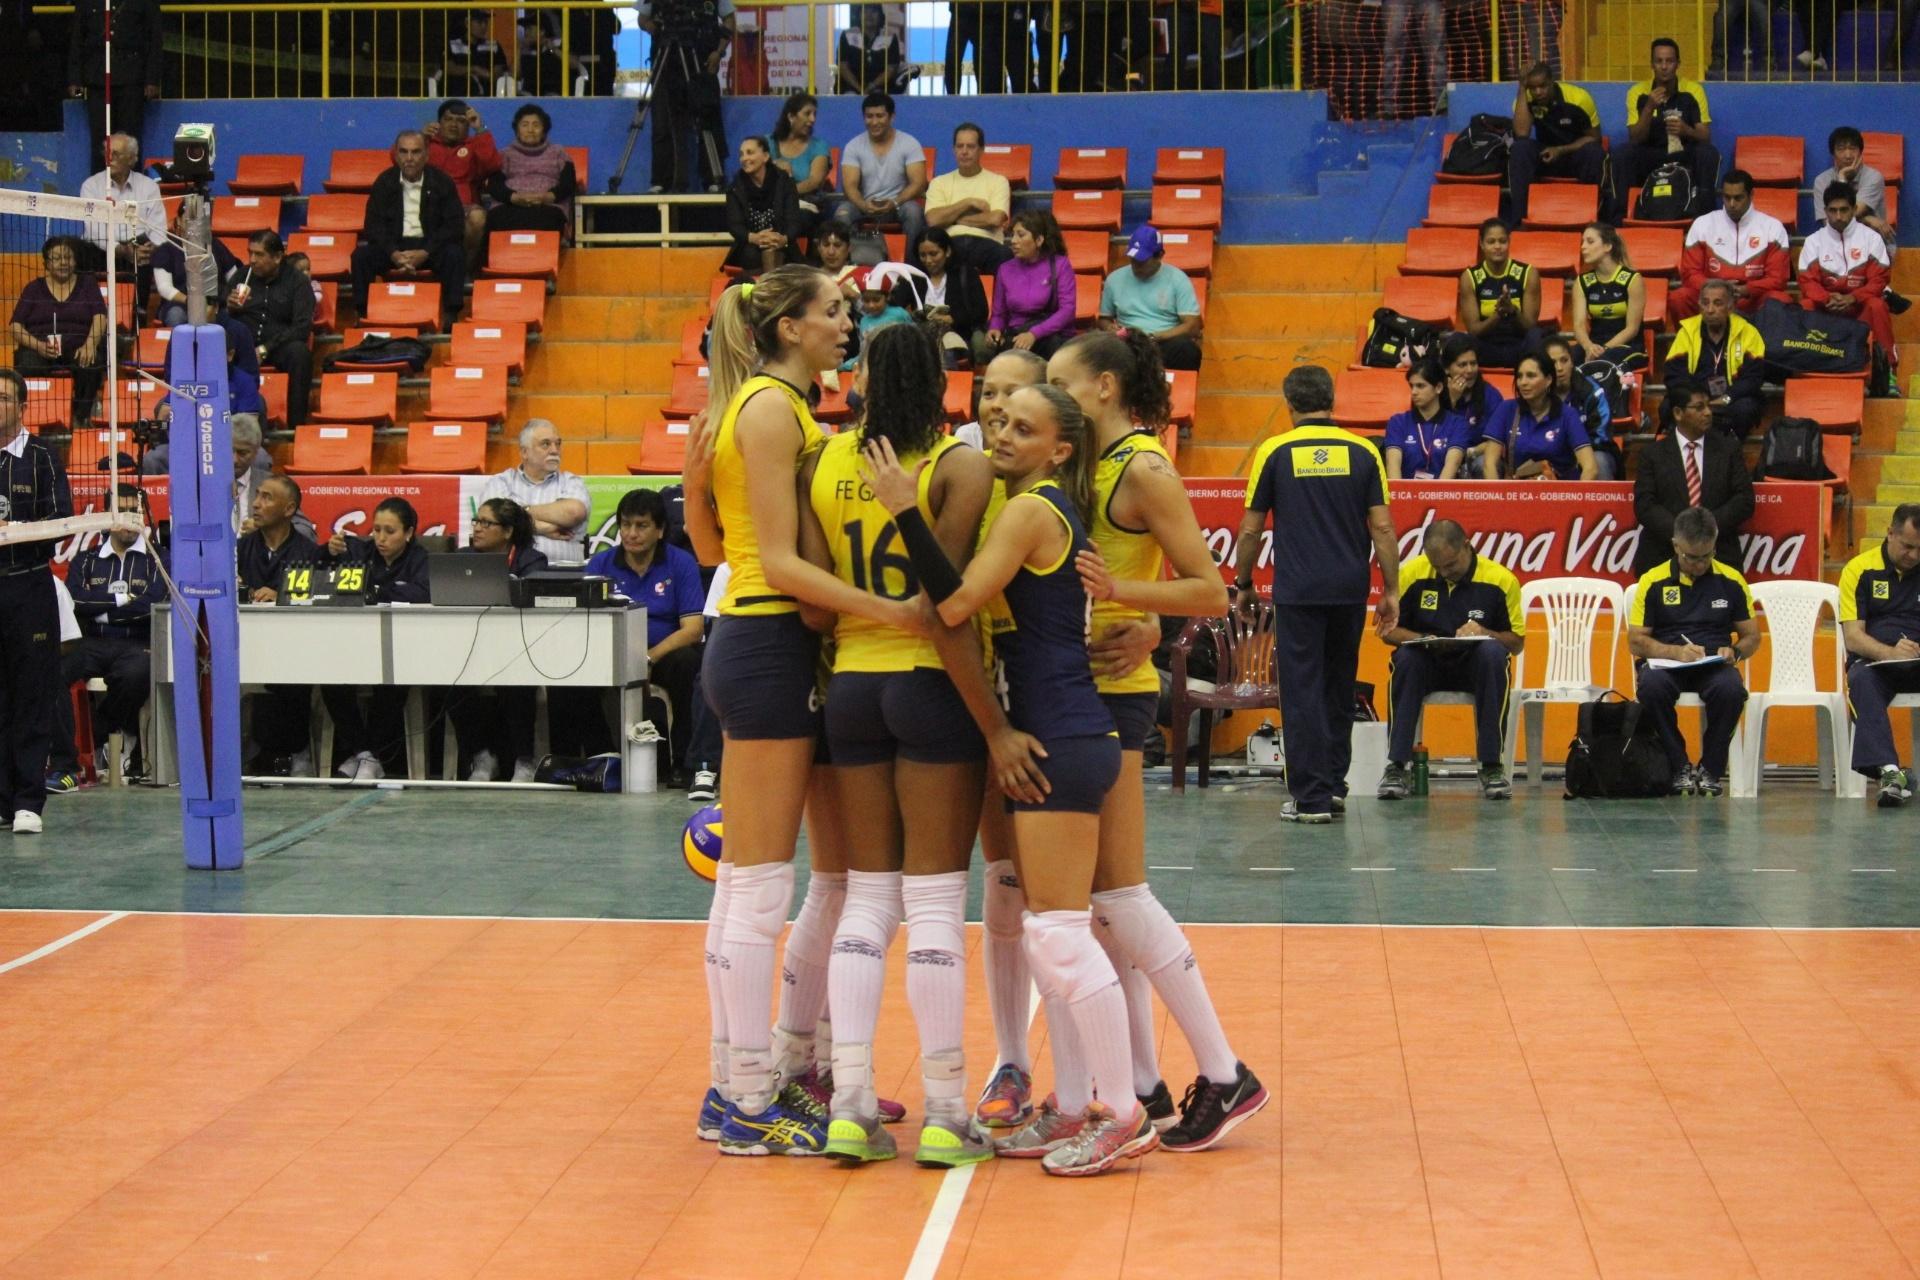 http://imguol.com/c/esporte/2013/09/19/selecao-brasileira-comemora-ponto-contra-a-colombia-no-peru-1379635719560_1920x1280.jpg